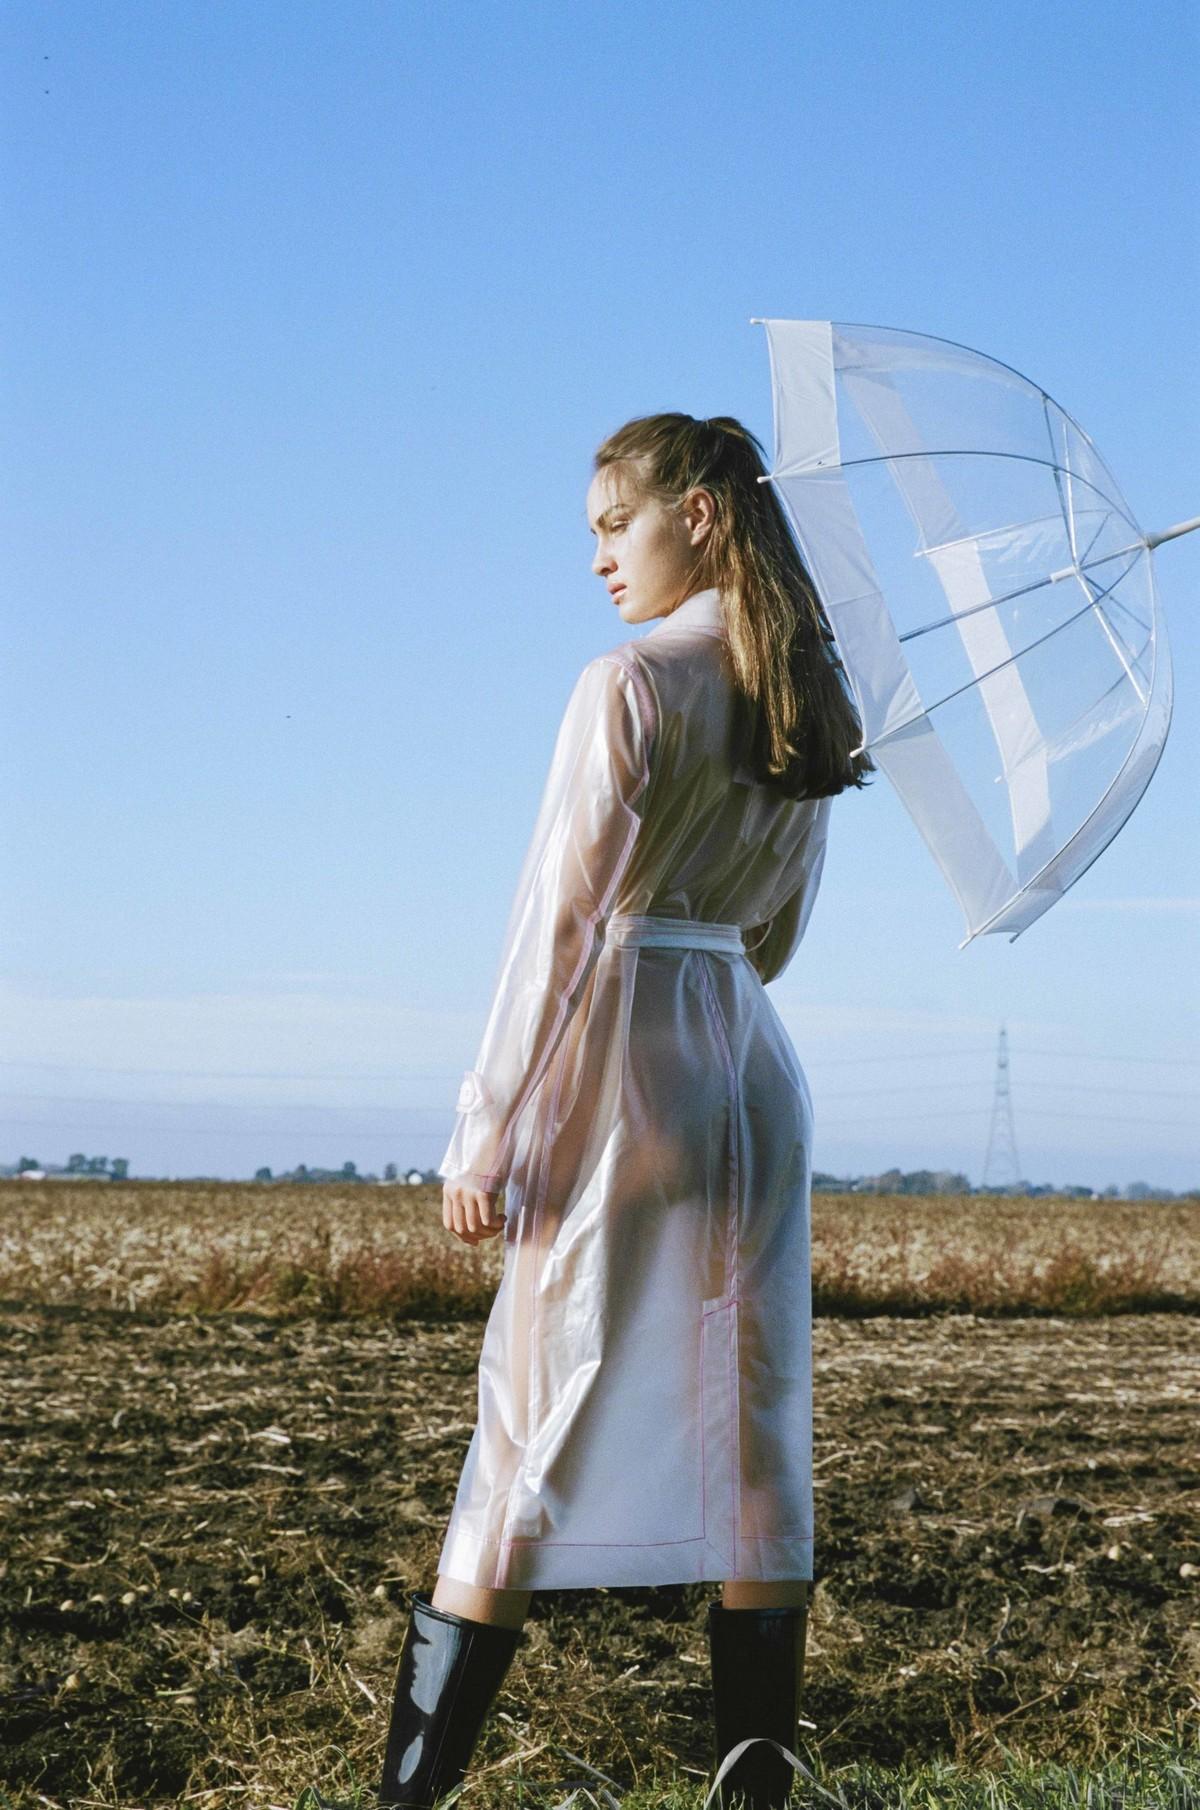 Чувственные фотографии девушек от Юлии Линкогель